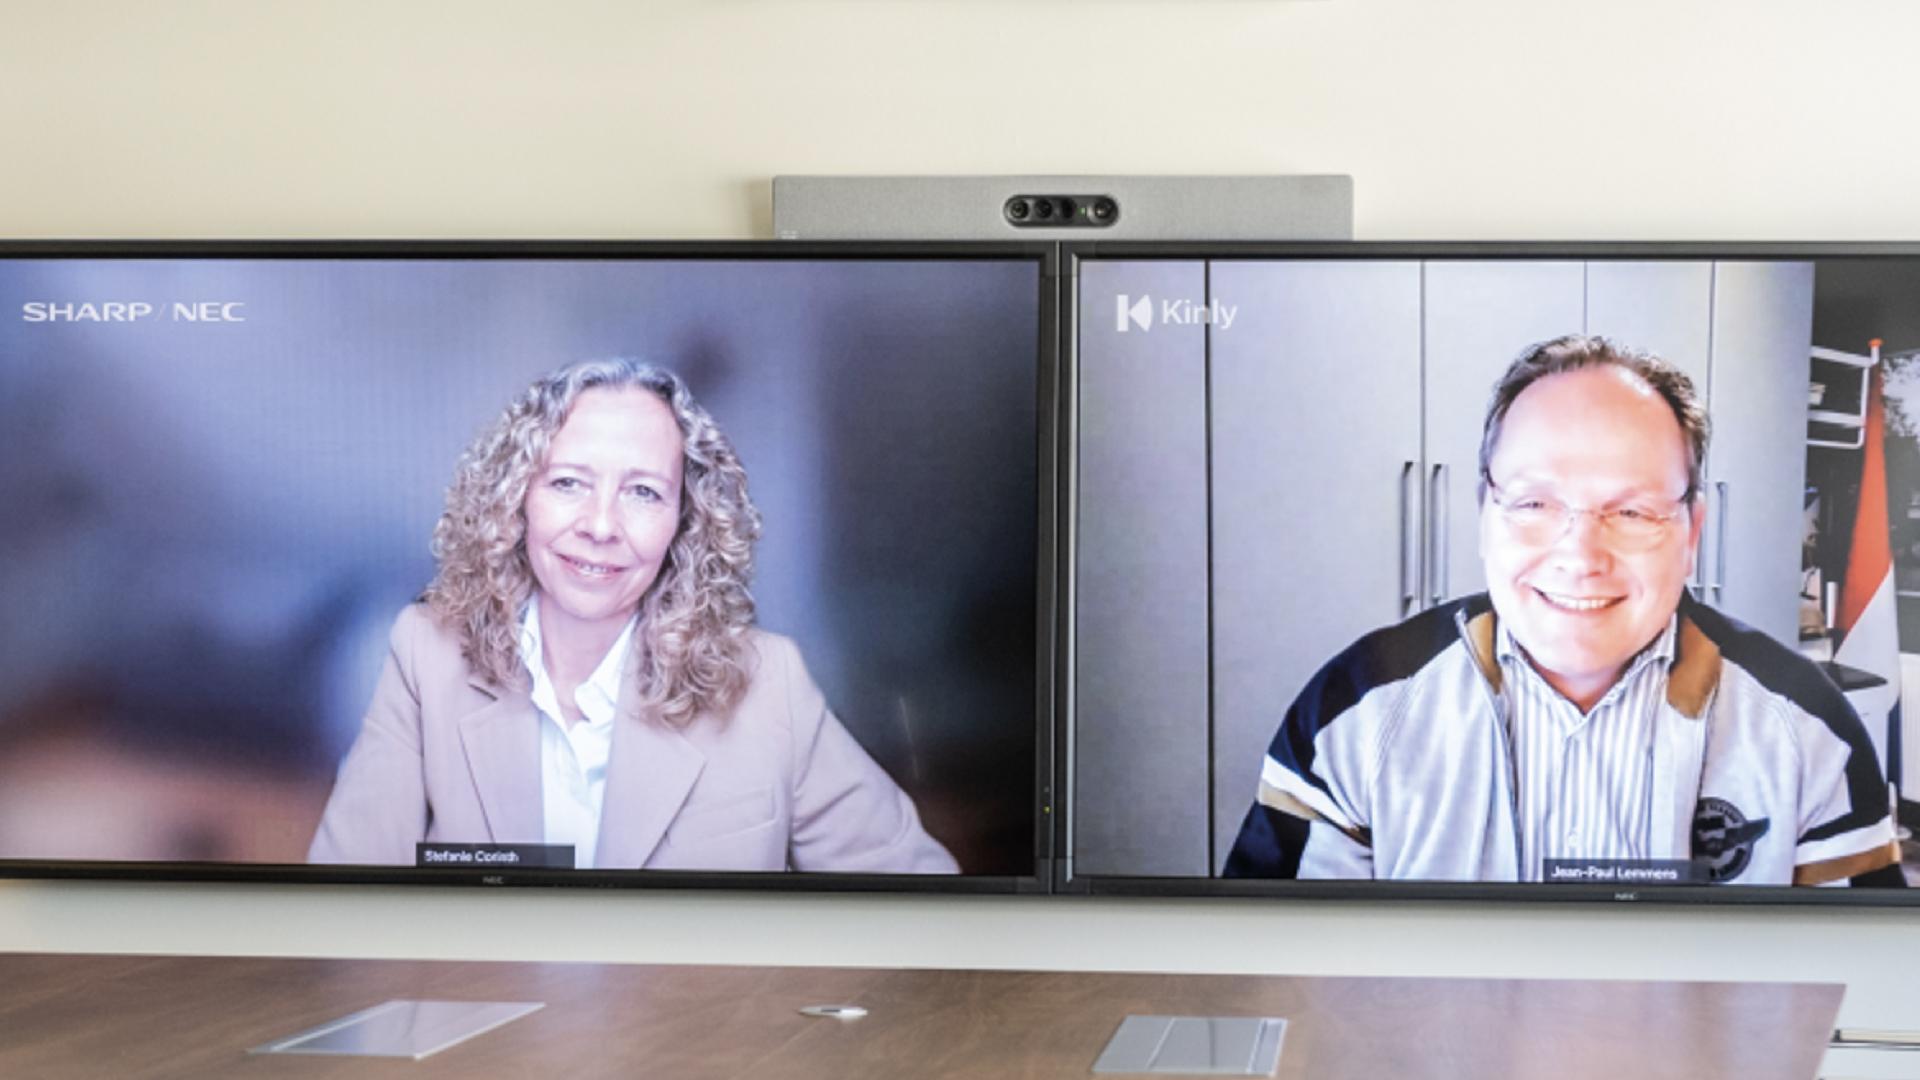 Video collaboration : un partenariat entre Sharp/NEC et l'entreprise européenne Kinly